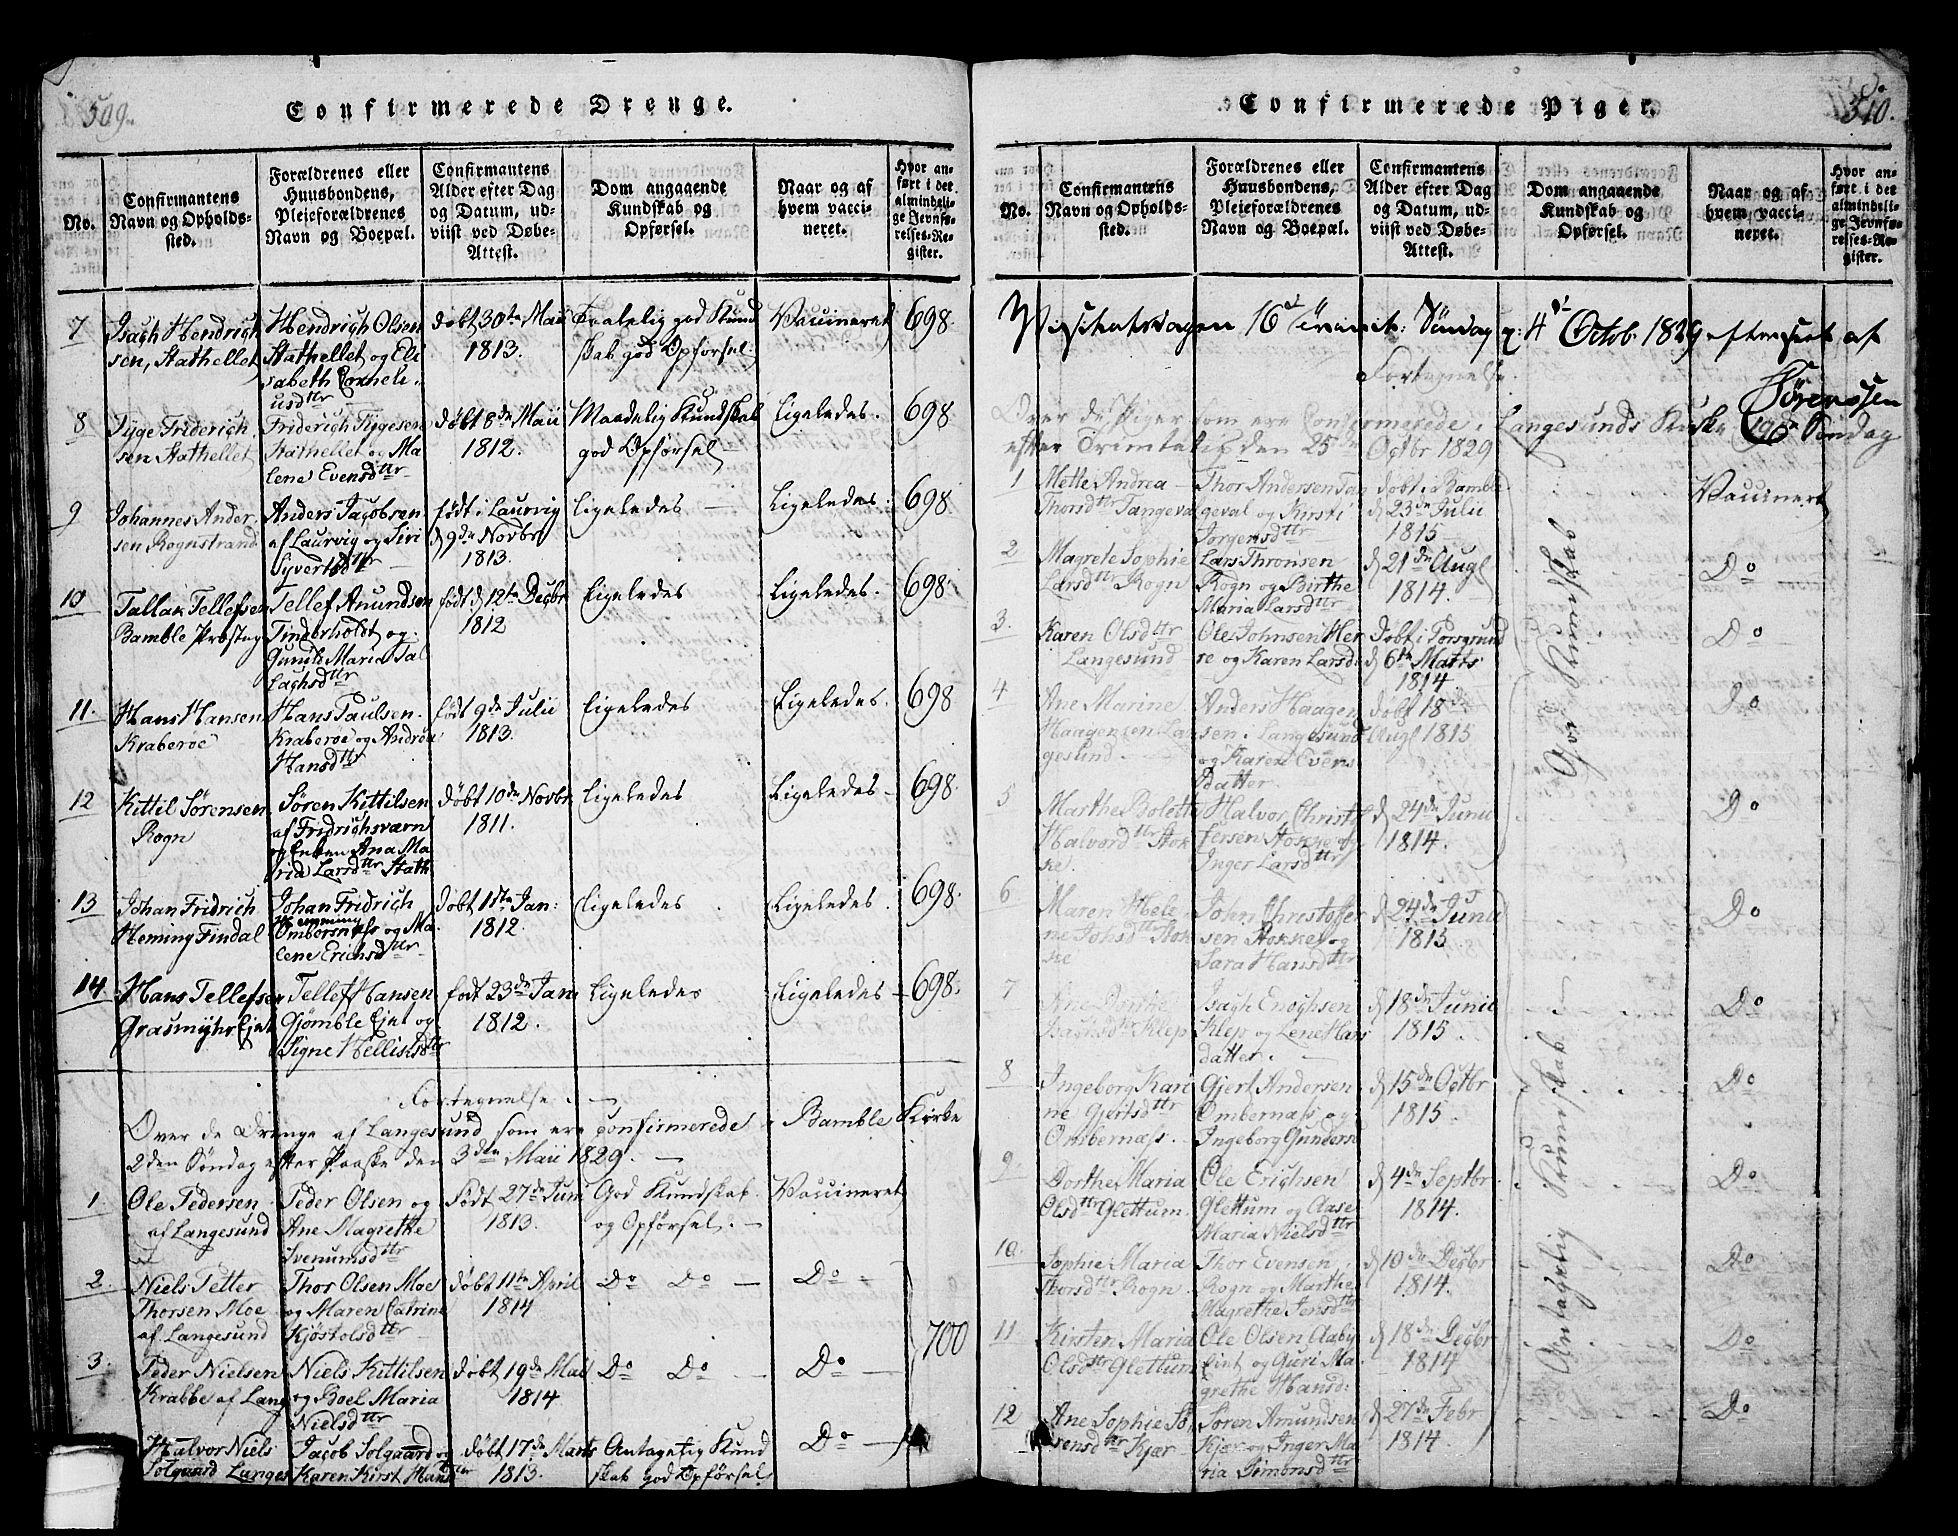 SAKO, Langesund kirkebøker, G/Ga/L0003: Klokkerbok nr. 3, 1815-1858, s. 509-510